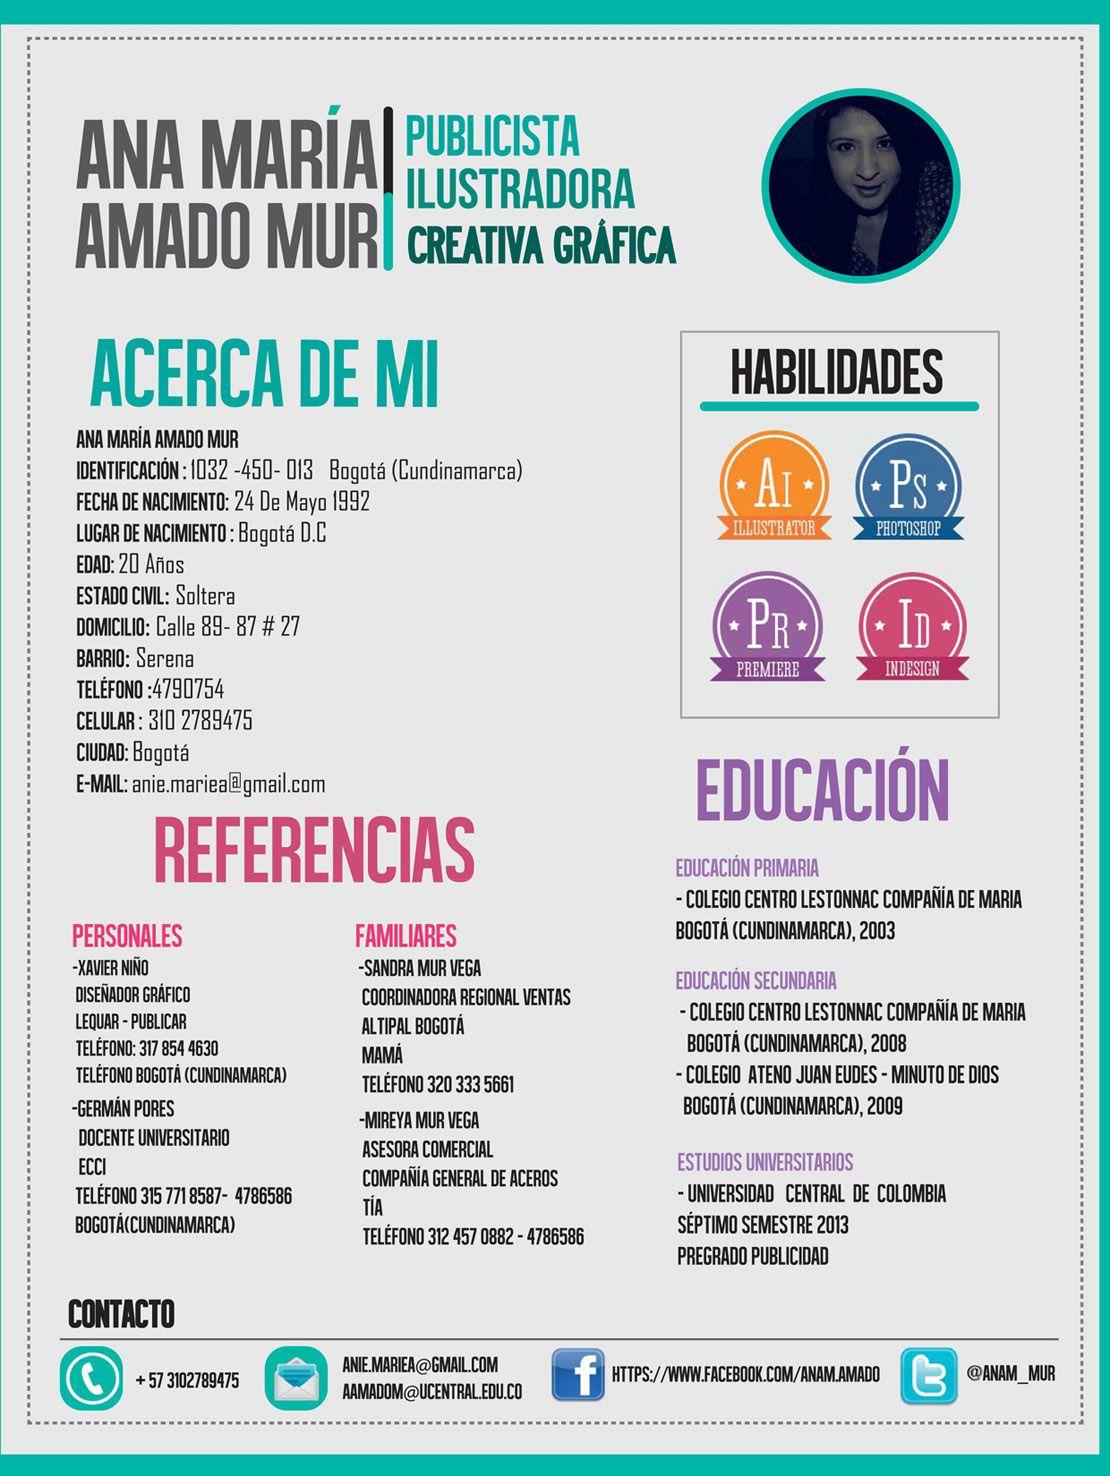 Ana María, de Colombia, nos envía su CV. ¿Qué te parece